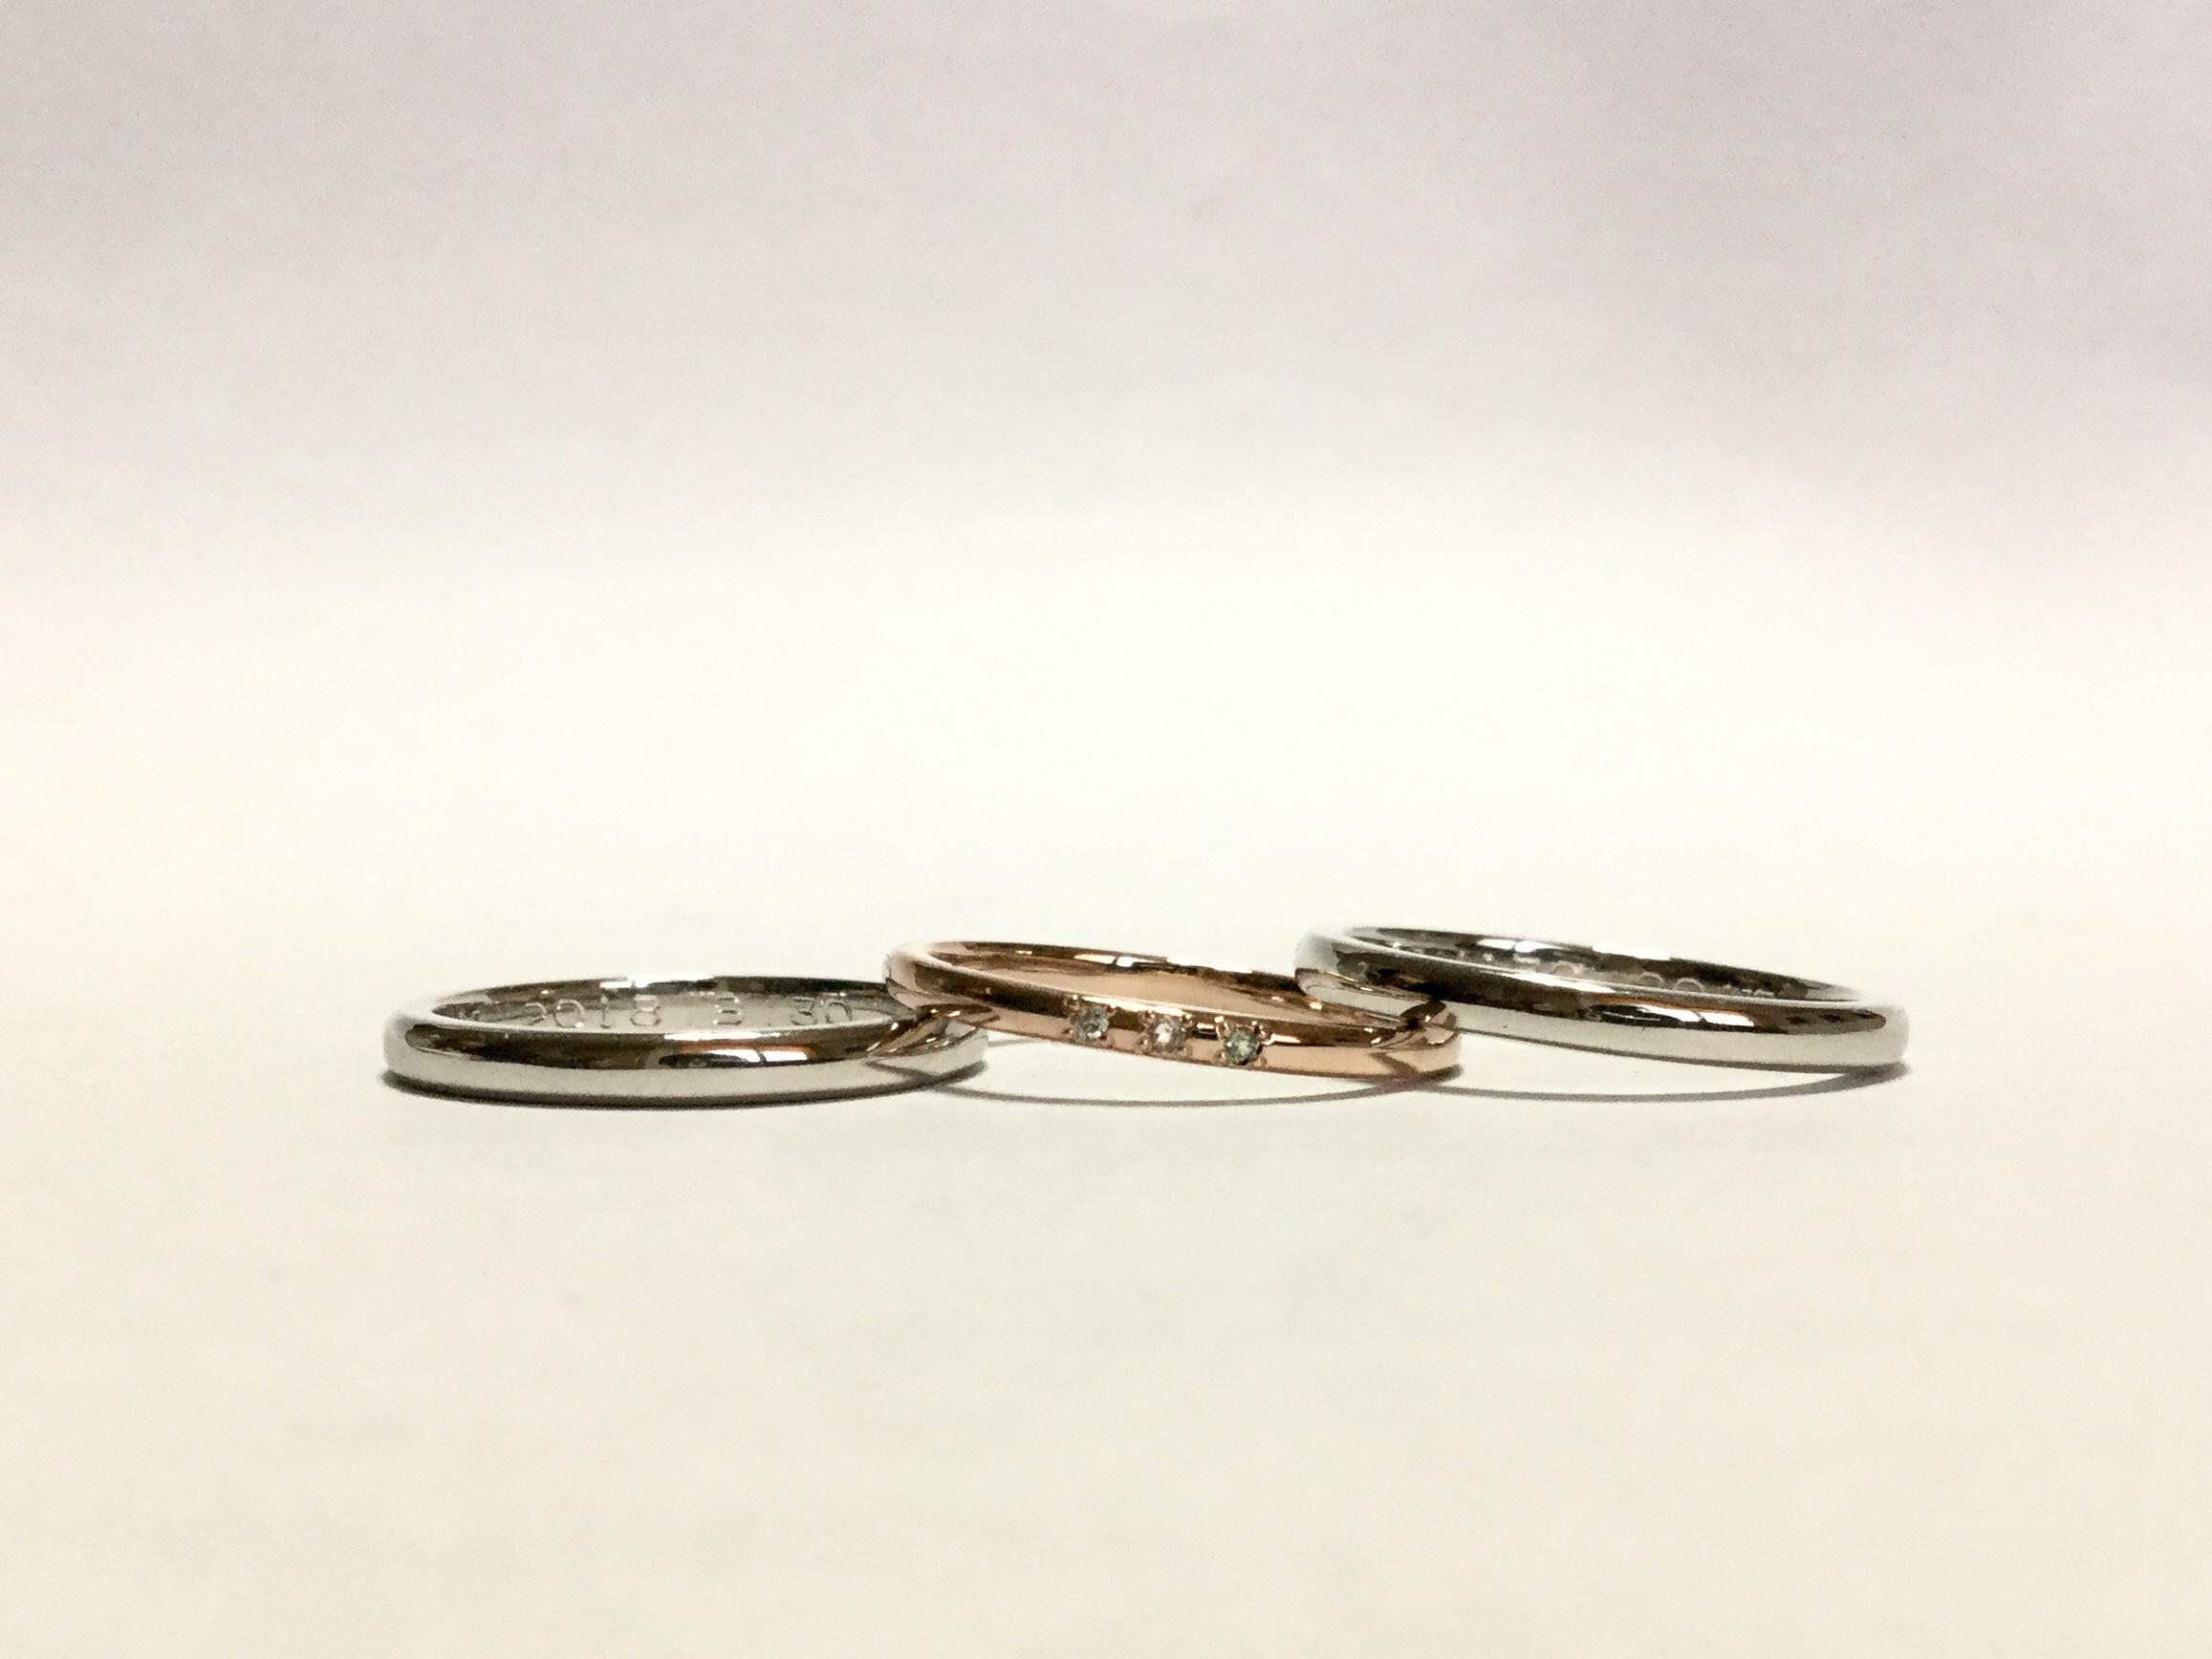 甲丸(2.0mm・1.5mm)